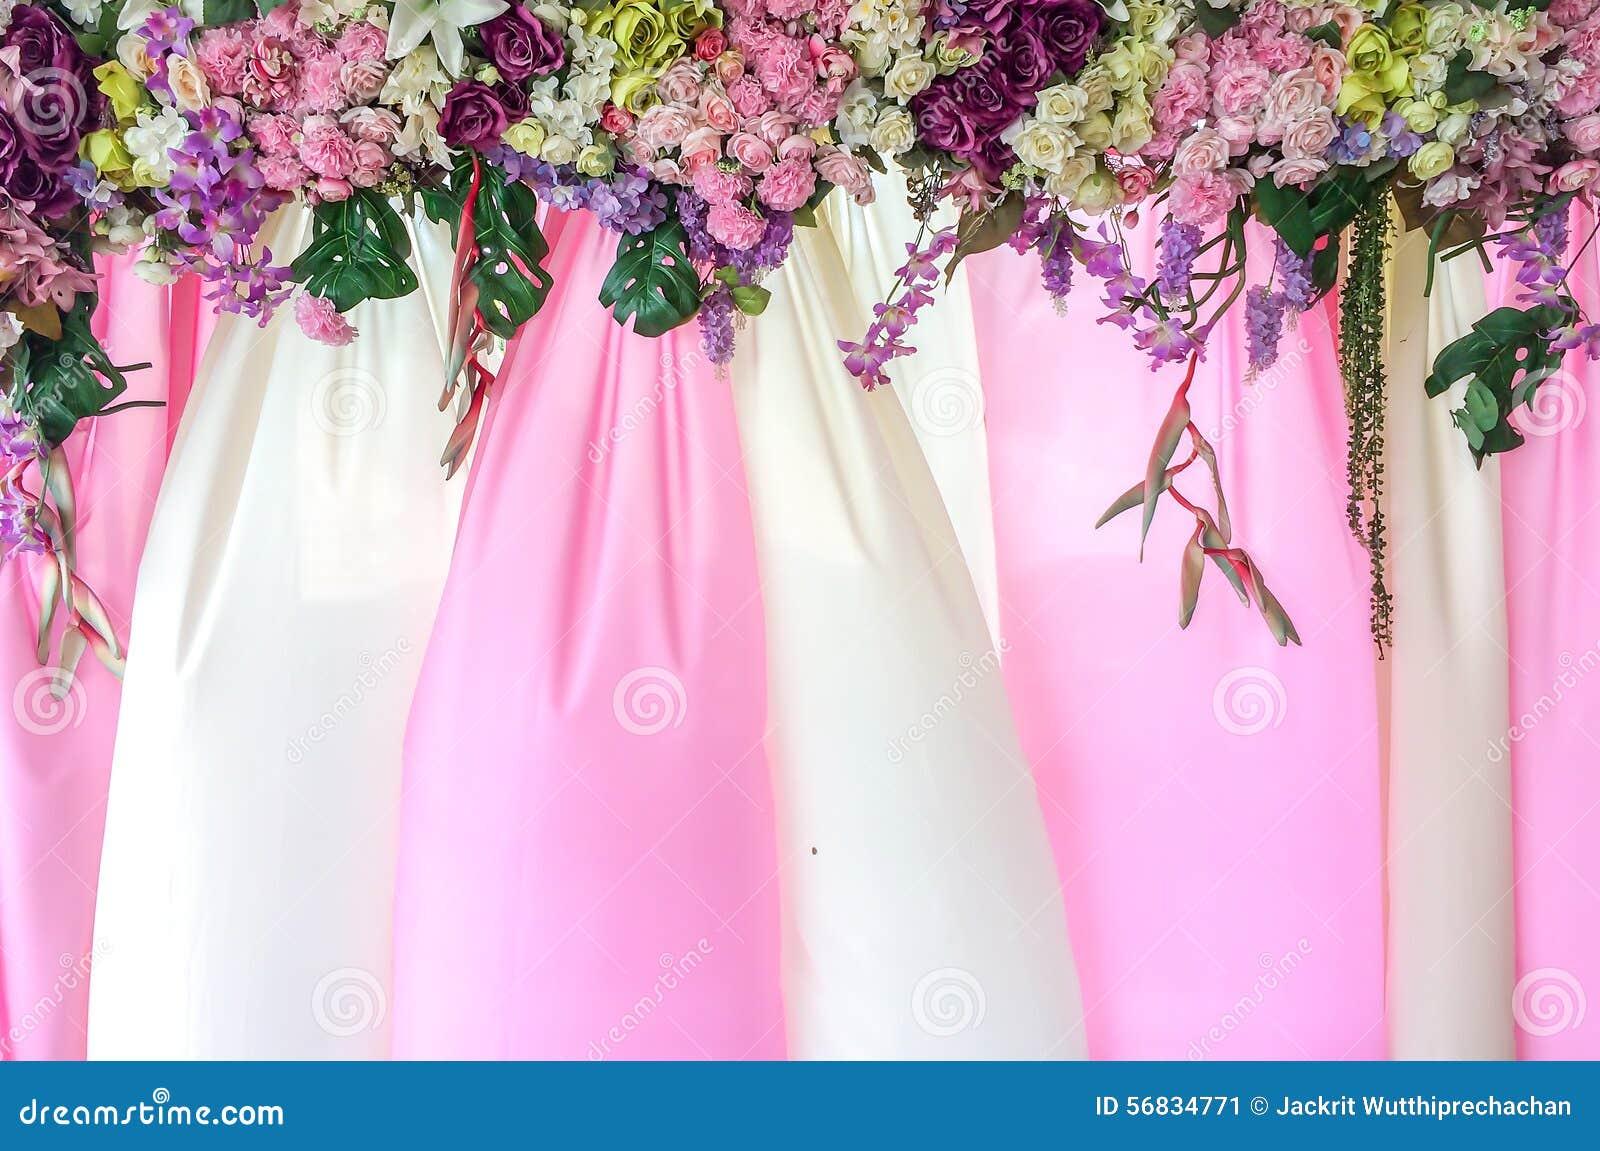 Mooie Roze en Witte TextieldieAchtergrond met Bloemendekking als Malplaatje wordt gebruikt